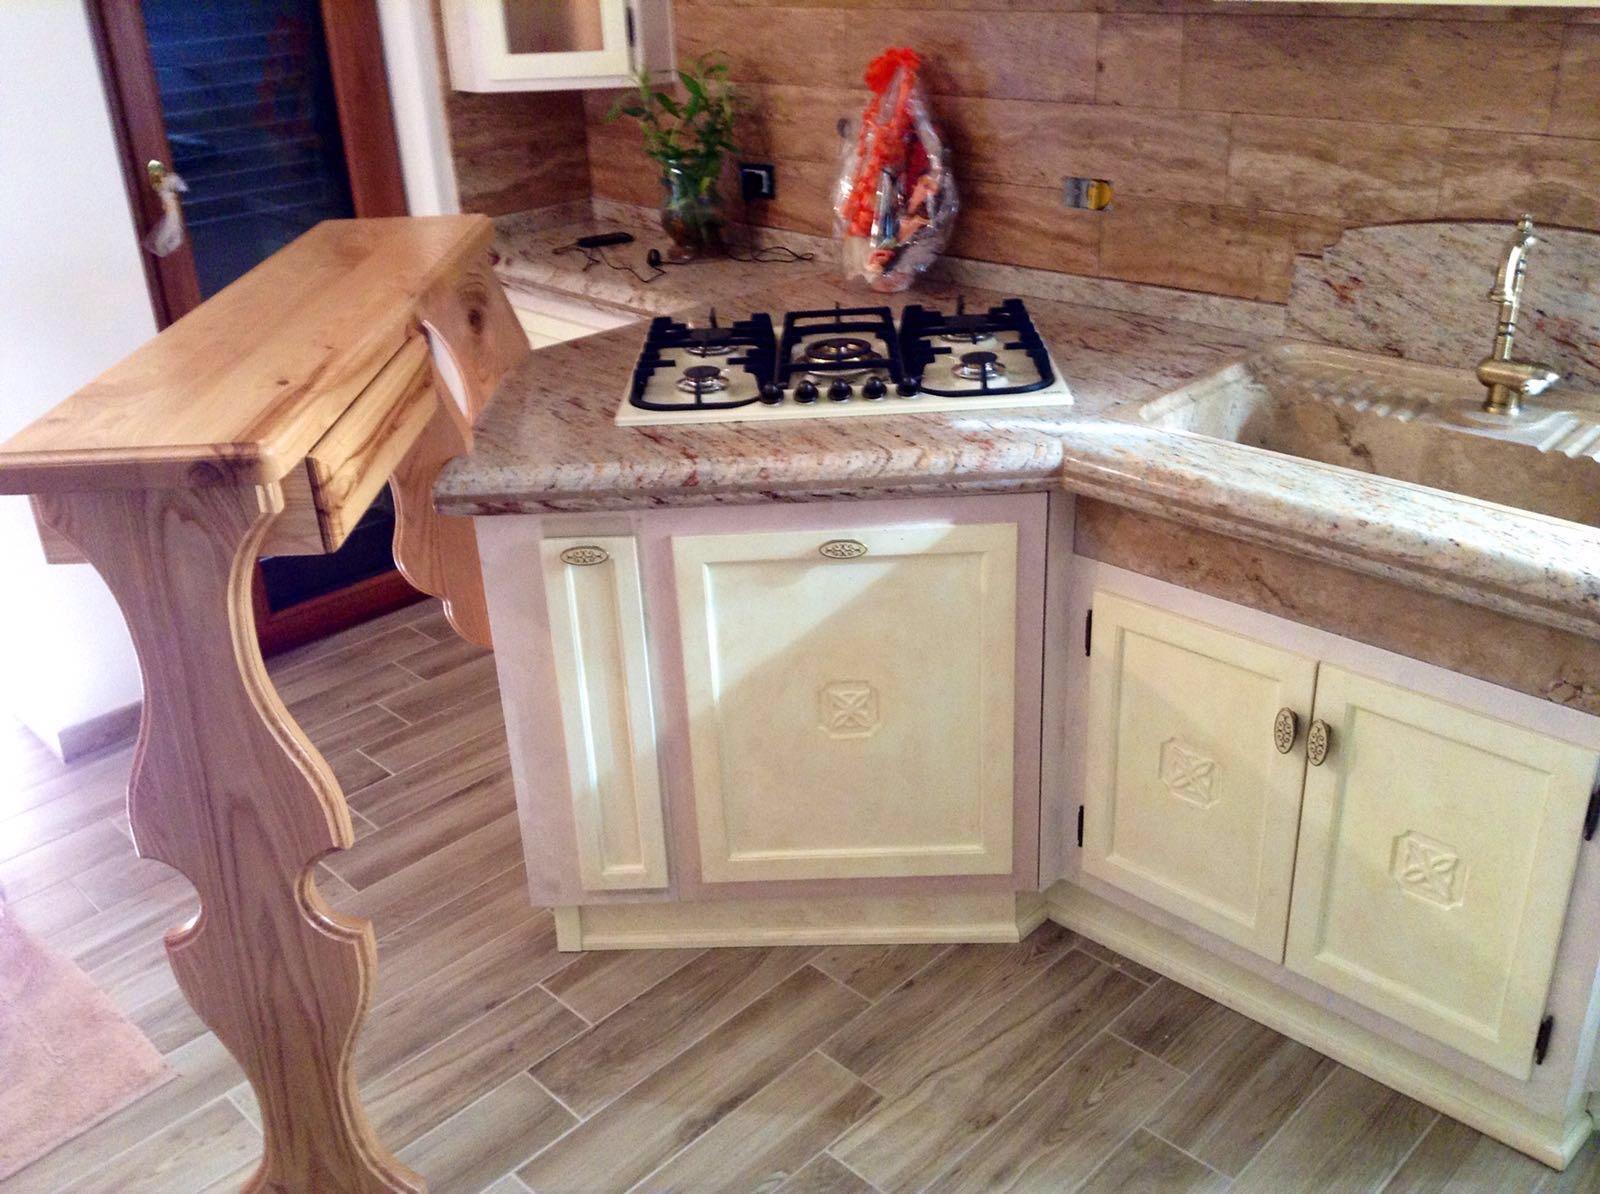 Cucina artigianale rustica con piano in marmo rosa – Basile